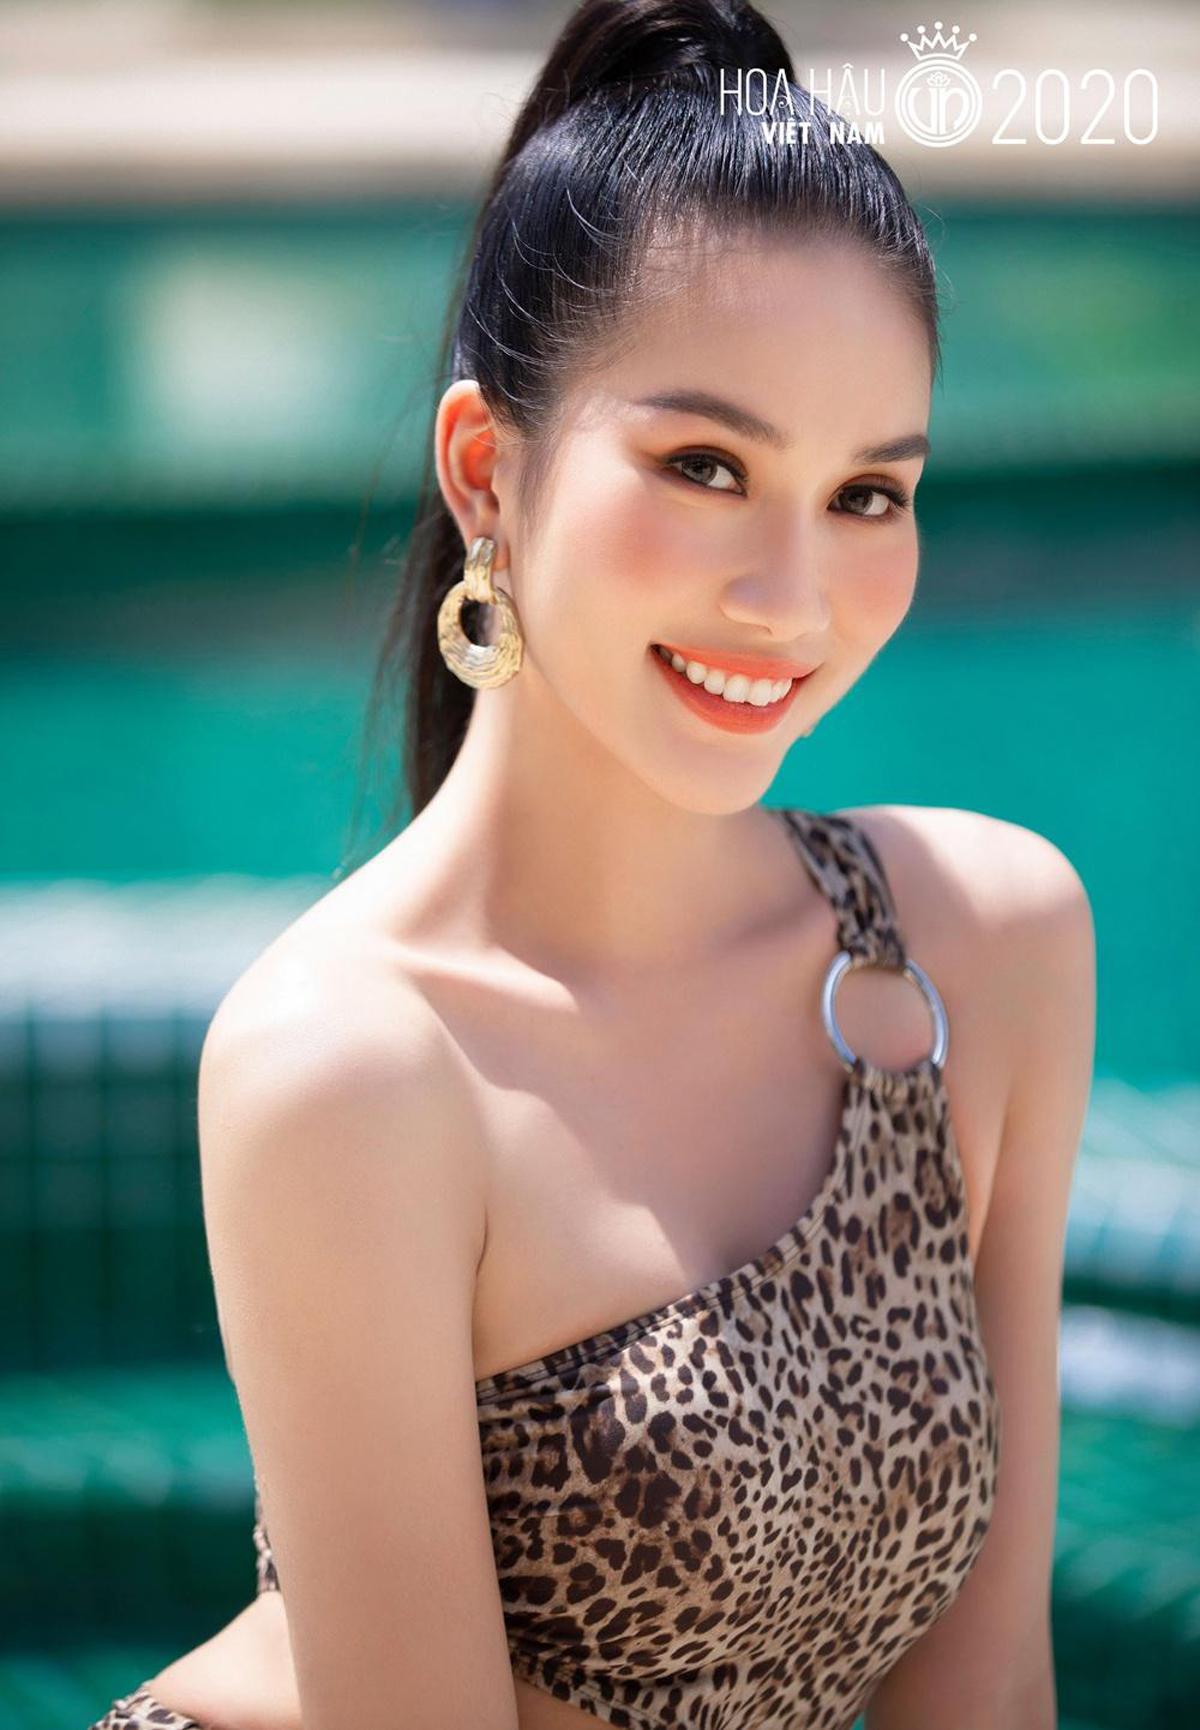 Nhan sắc, học vấn ấn tượng của hai nàng Á hậu Việt Nam 2020 - 2